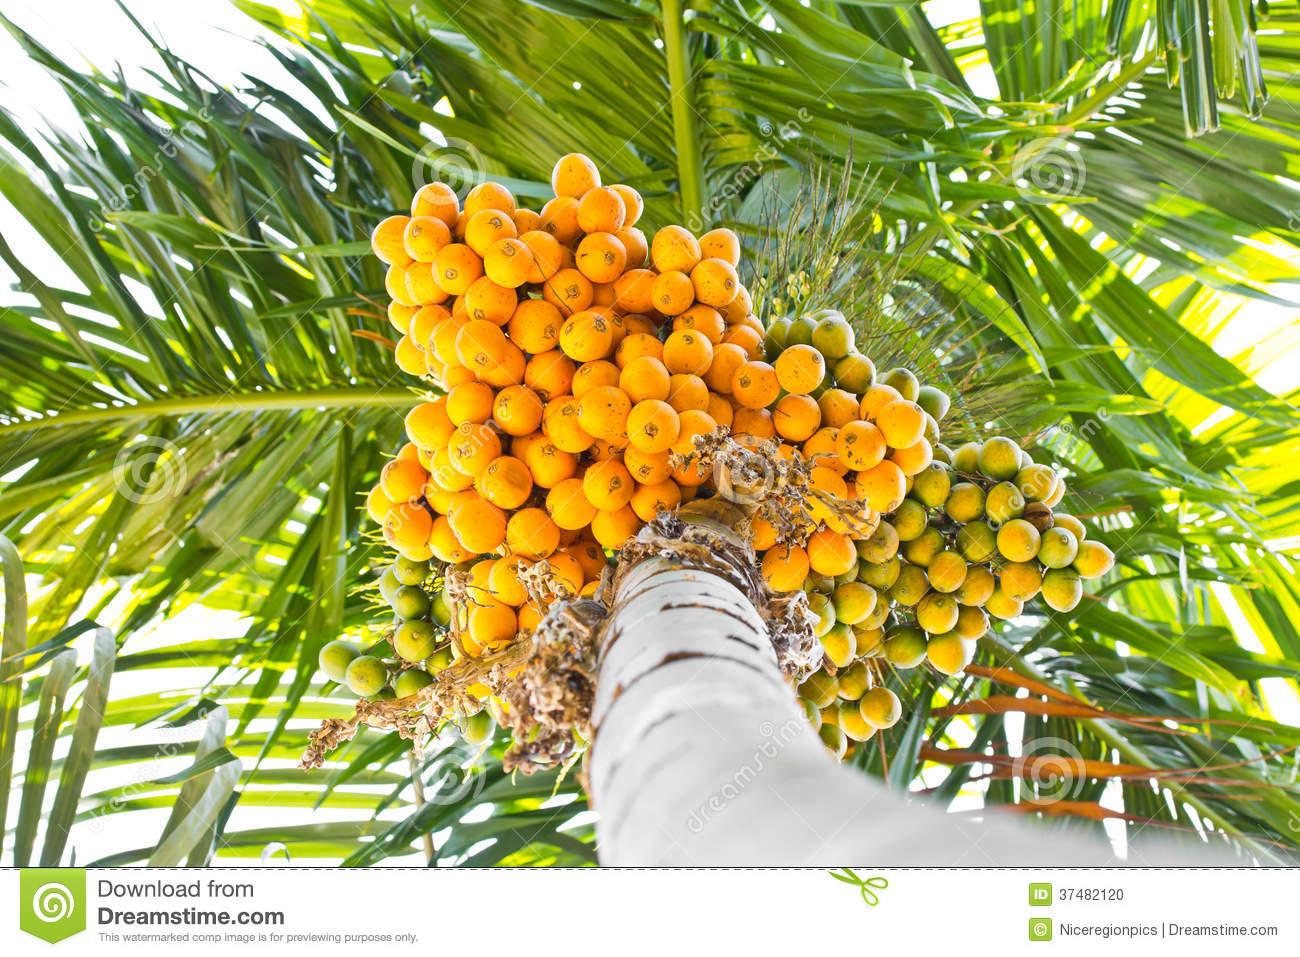 Arecanut tree clipart - Clipground